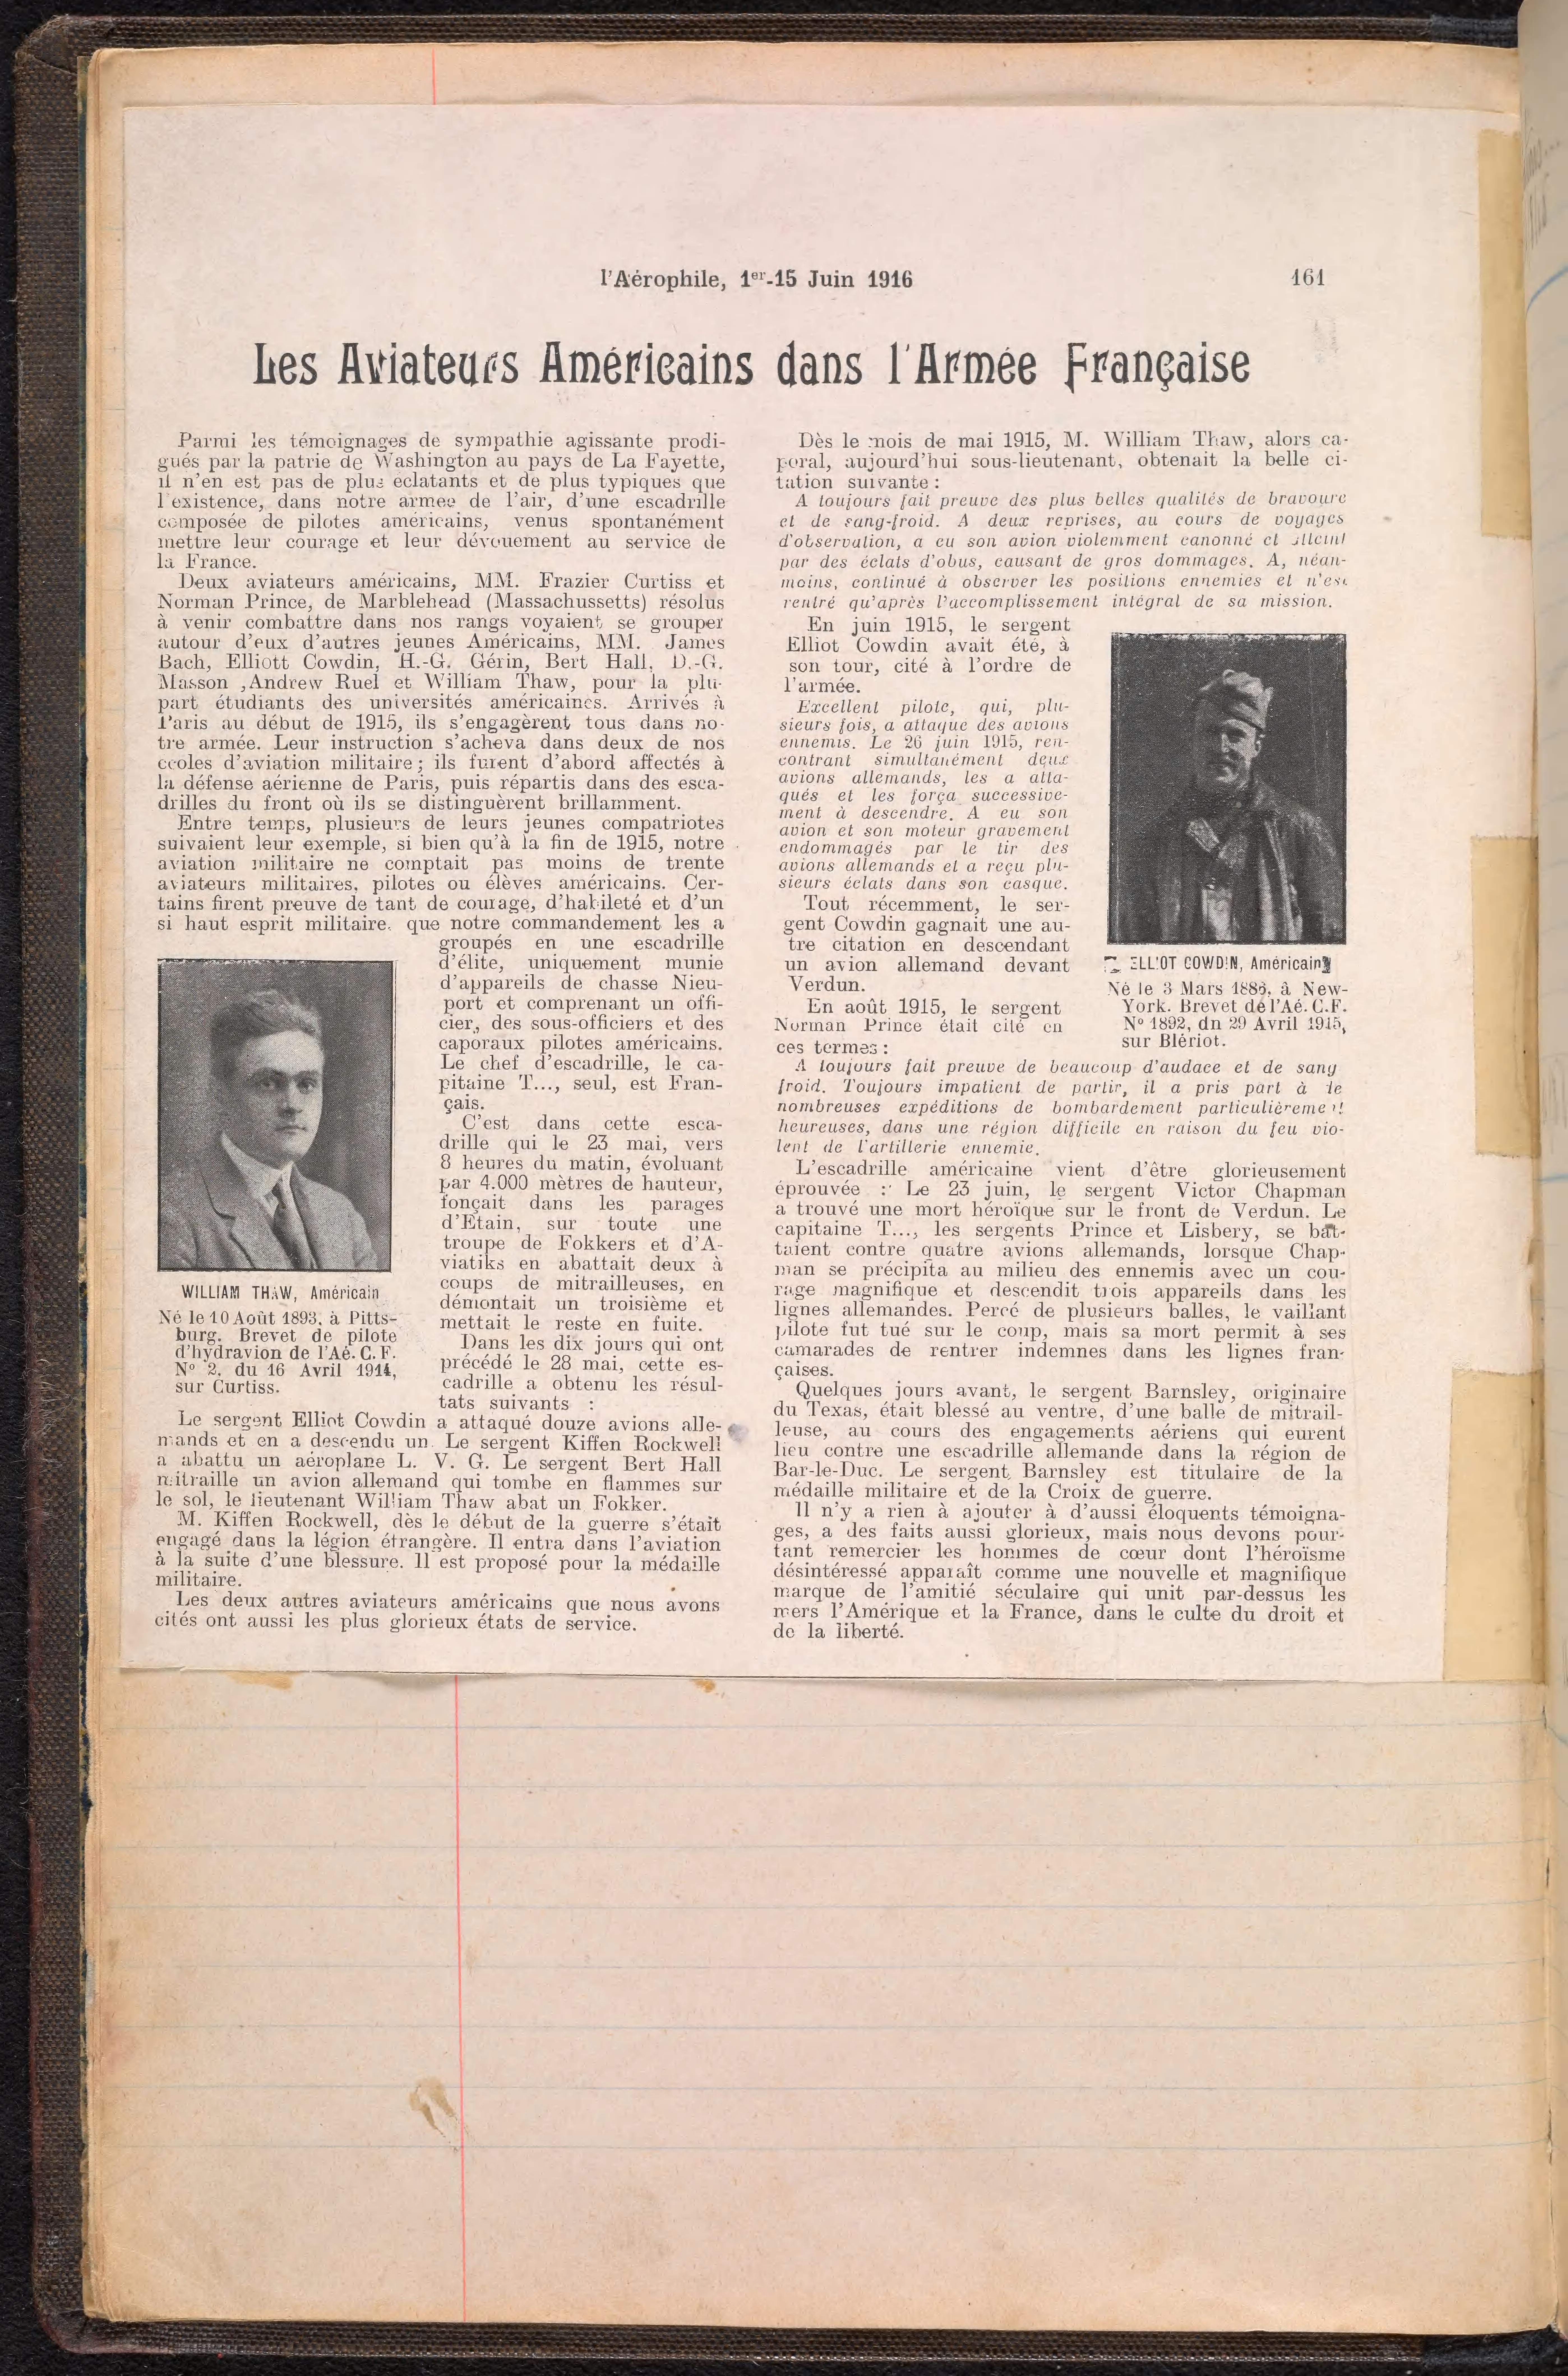 Journal des Marches 1916-1917